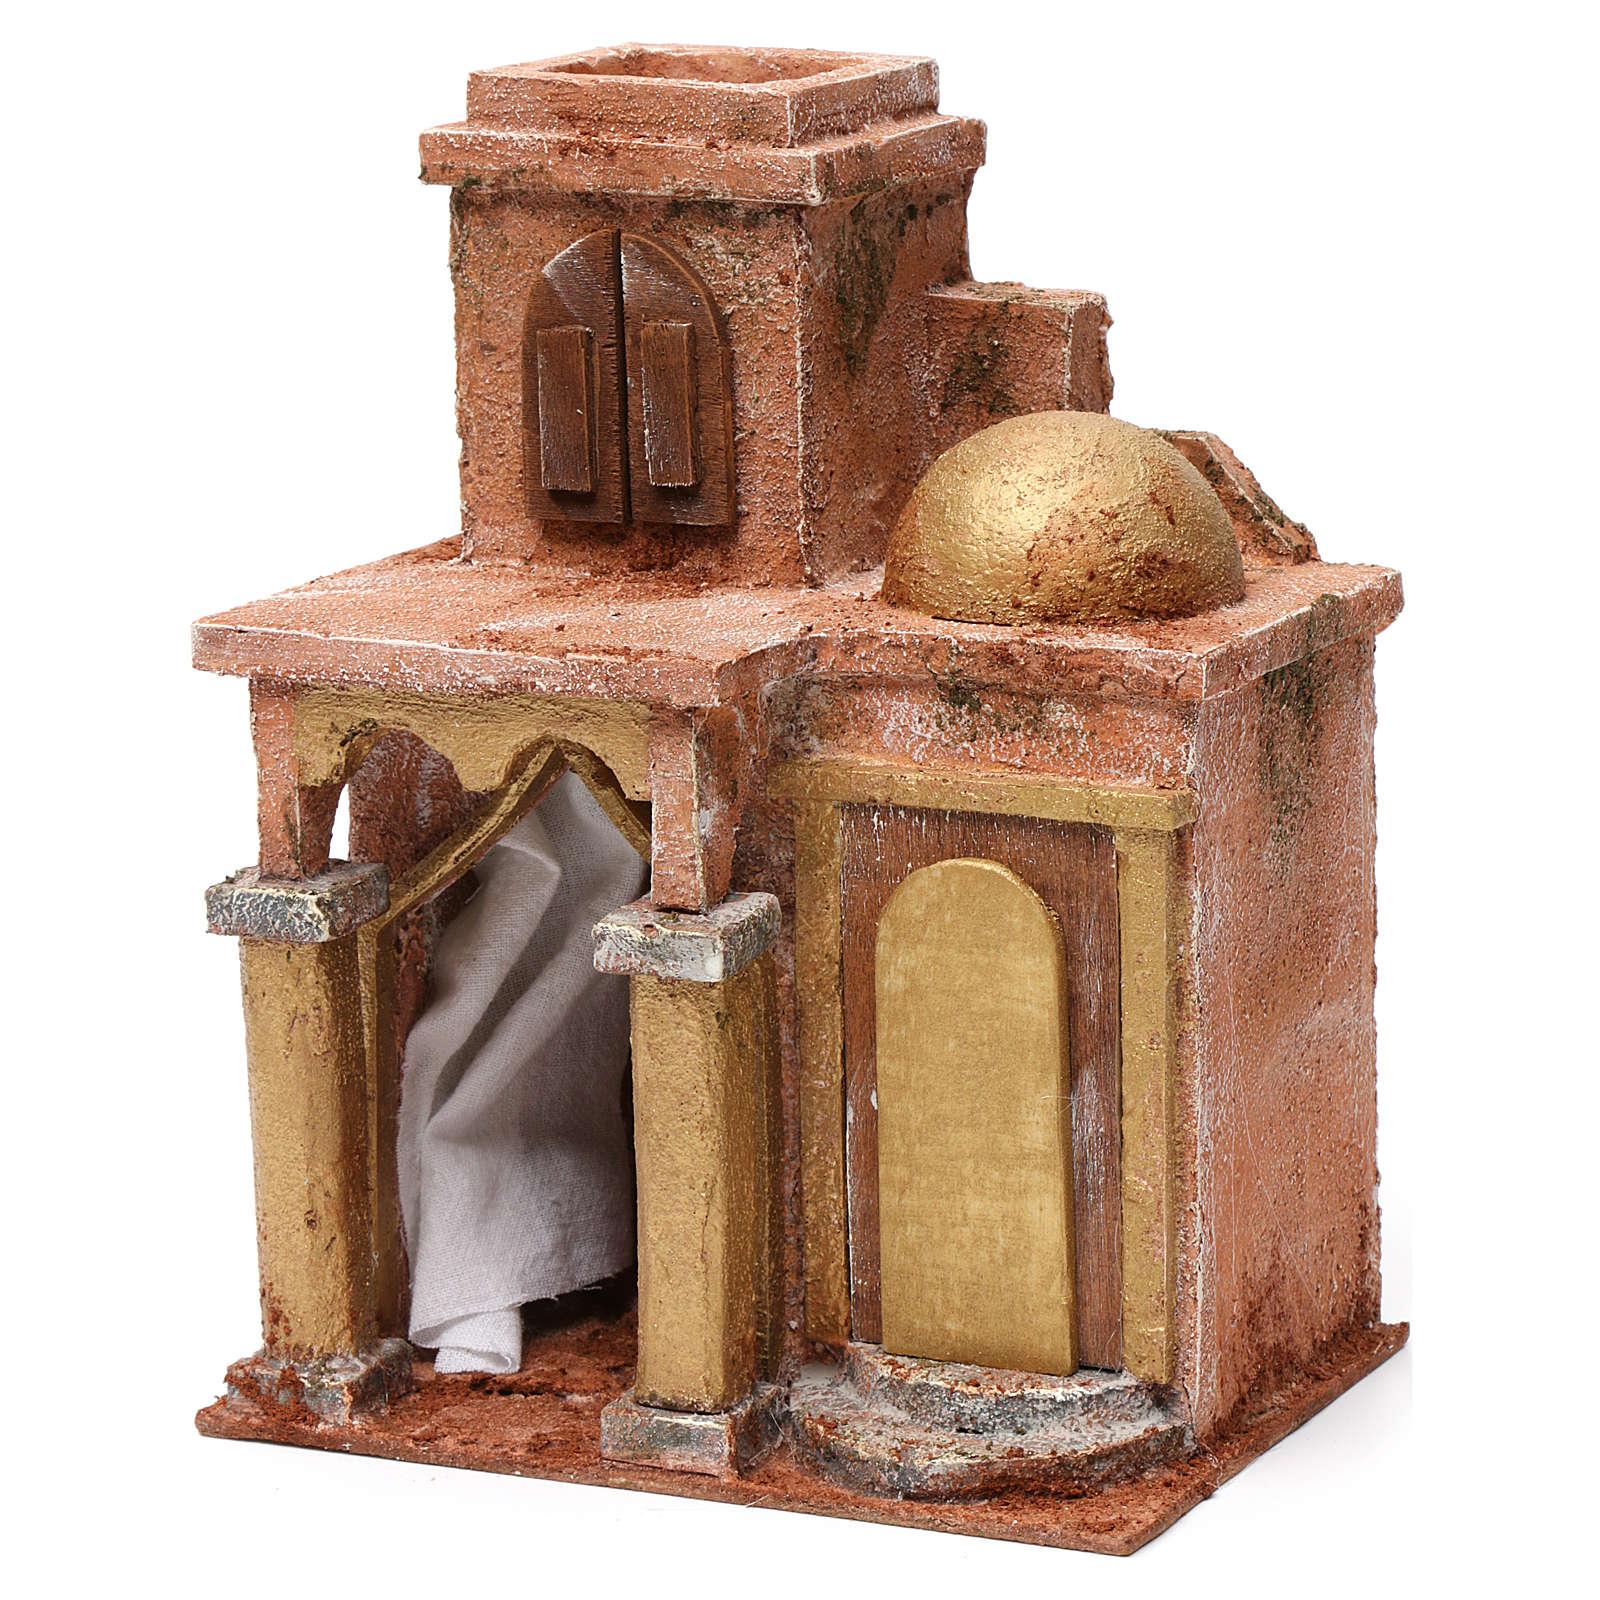 Maison arabe avec dôme et rideau pour crèche 10 cm 25x15x20 cm 4